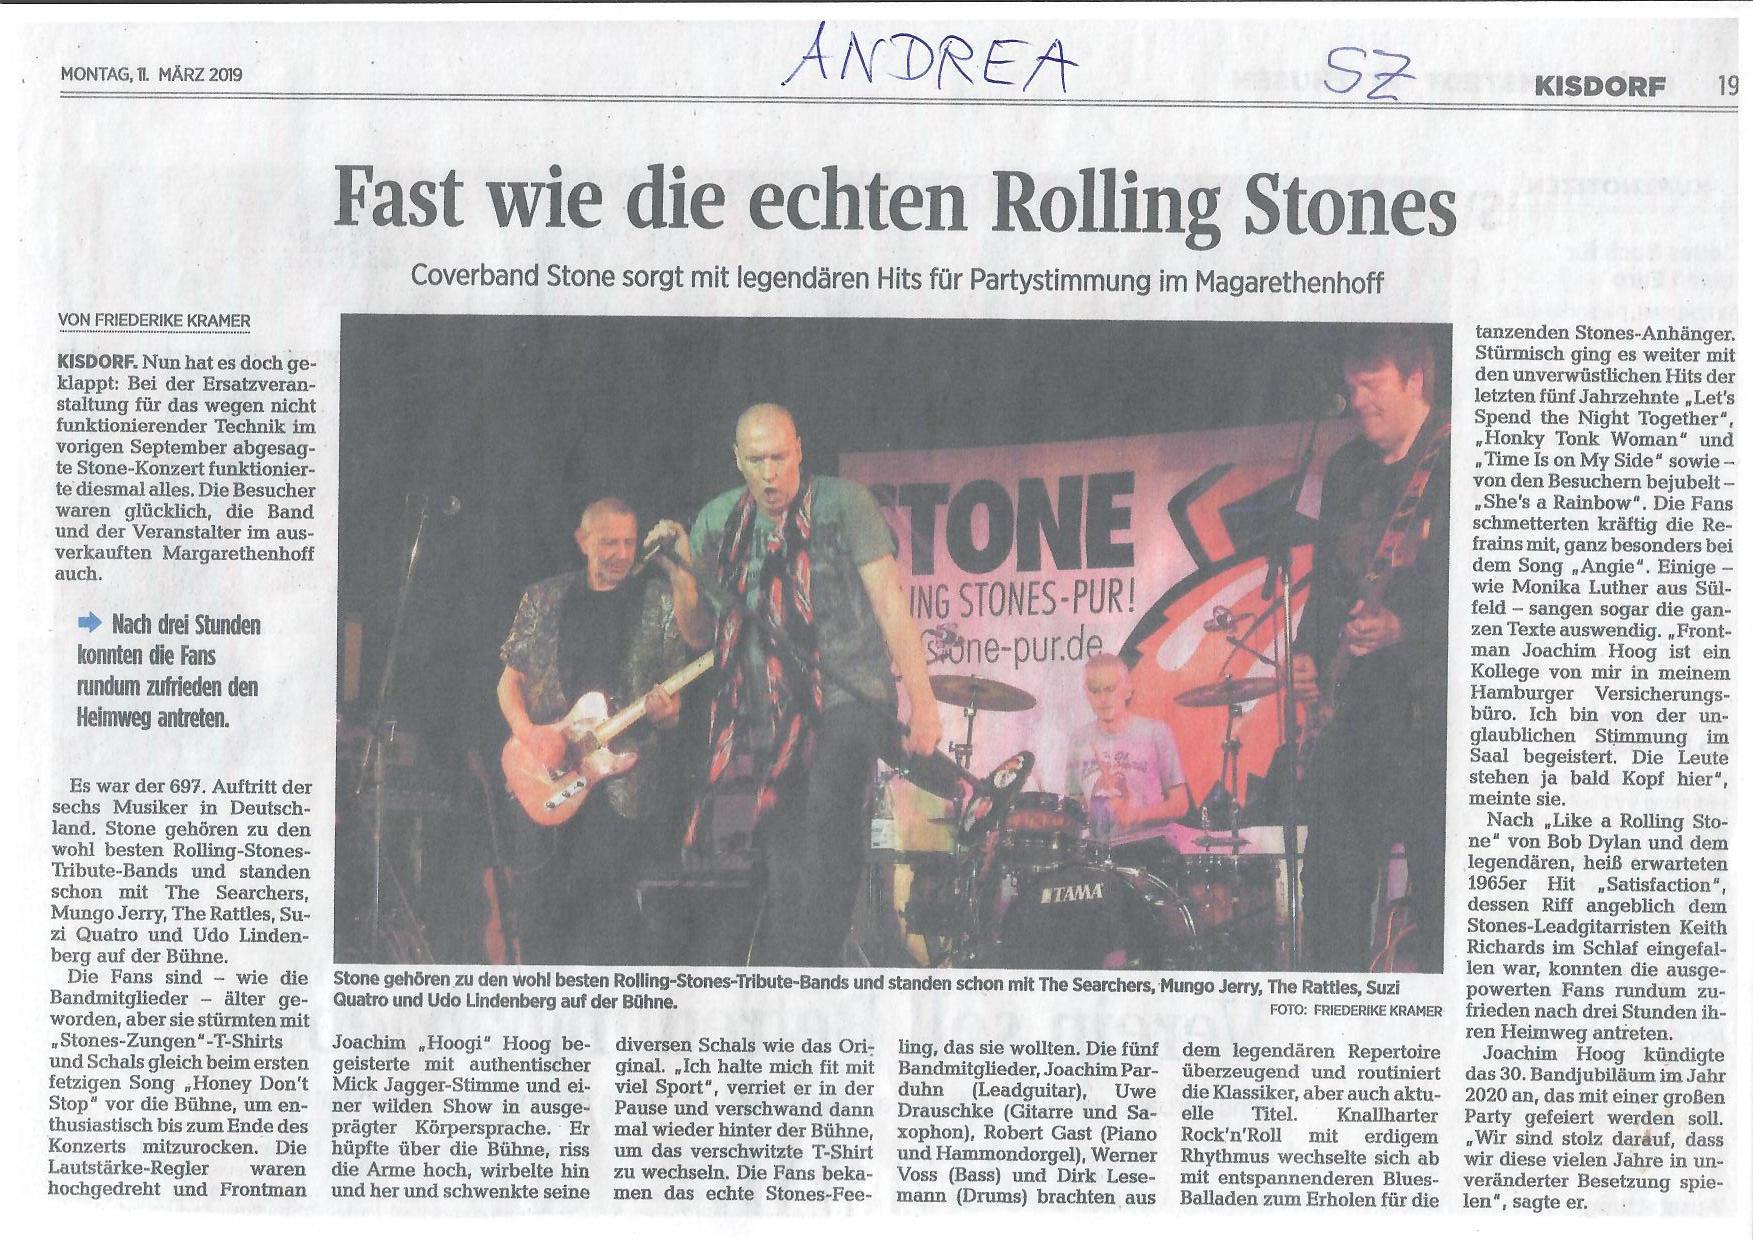 Segeberger Zeitung 11.03.2019 - Seite 18